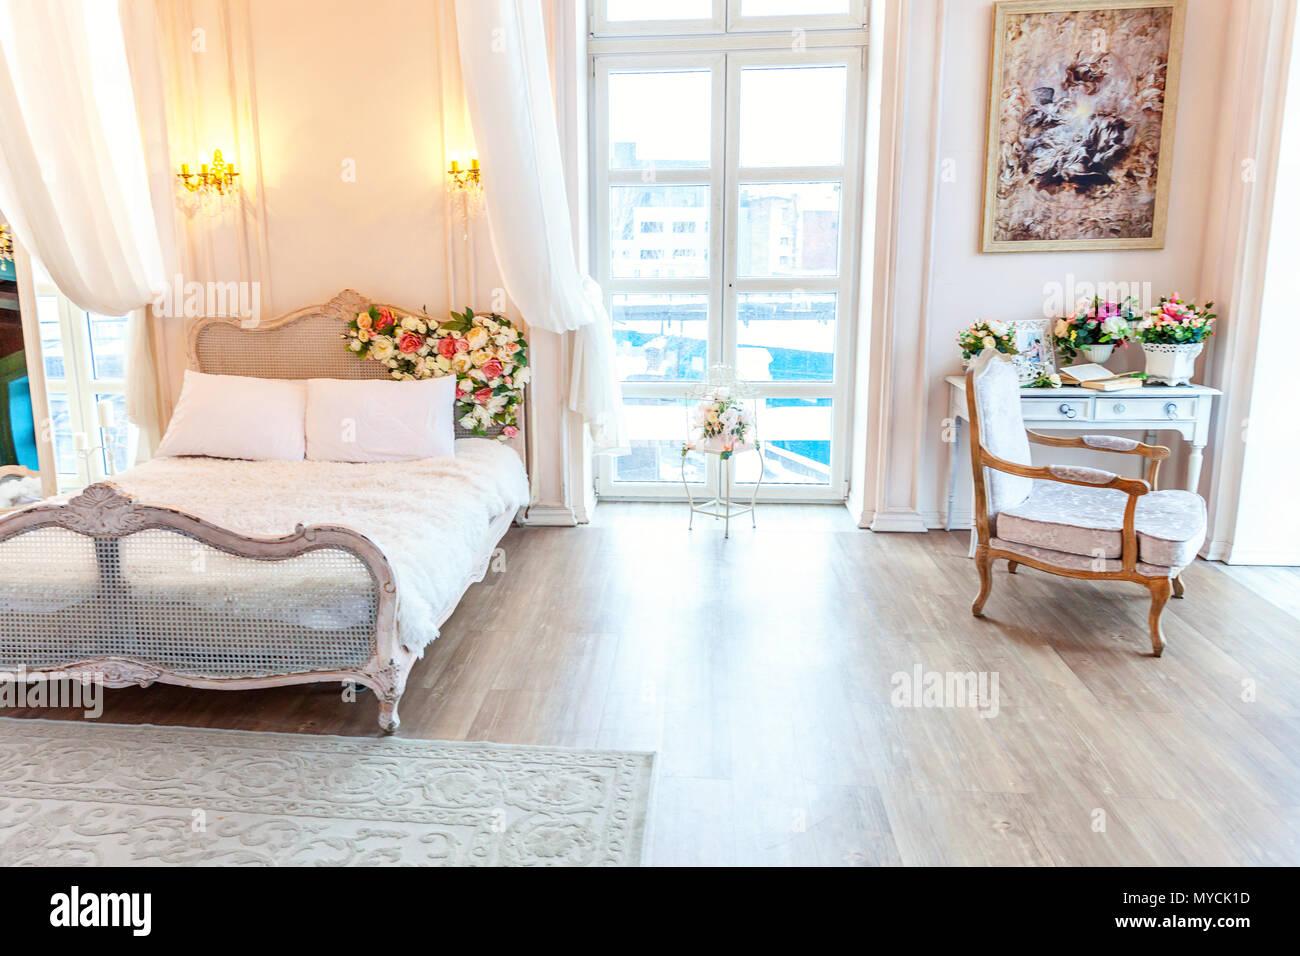 Schonen Luxus Klassische Weisse Helle Saubere Inneneinrichtung